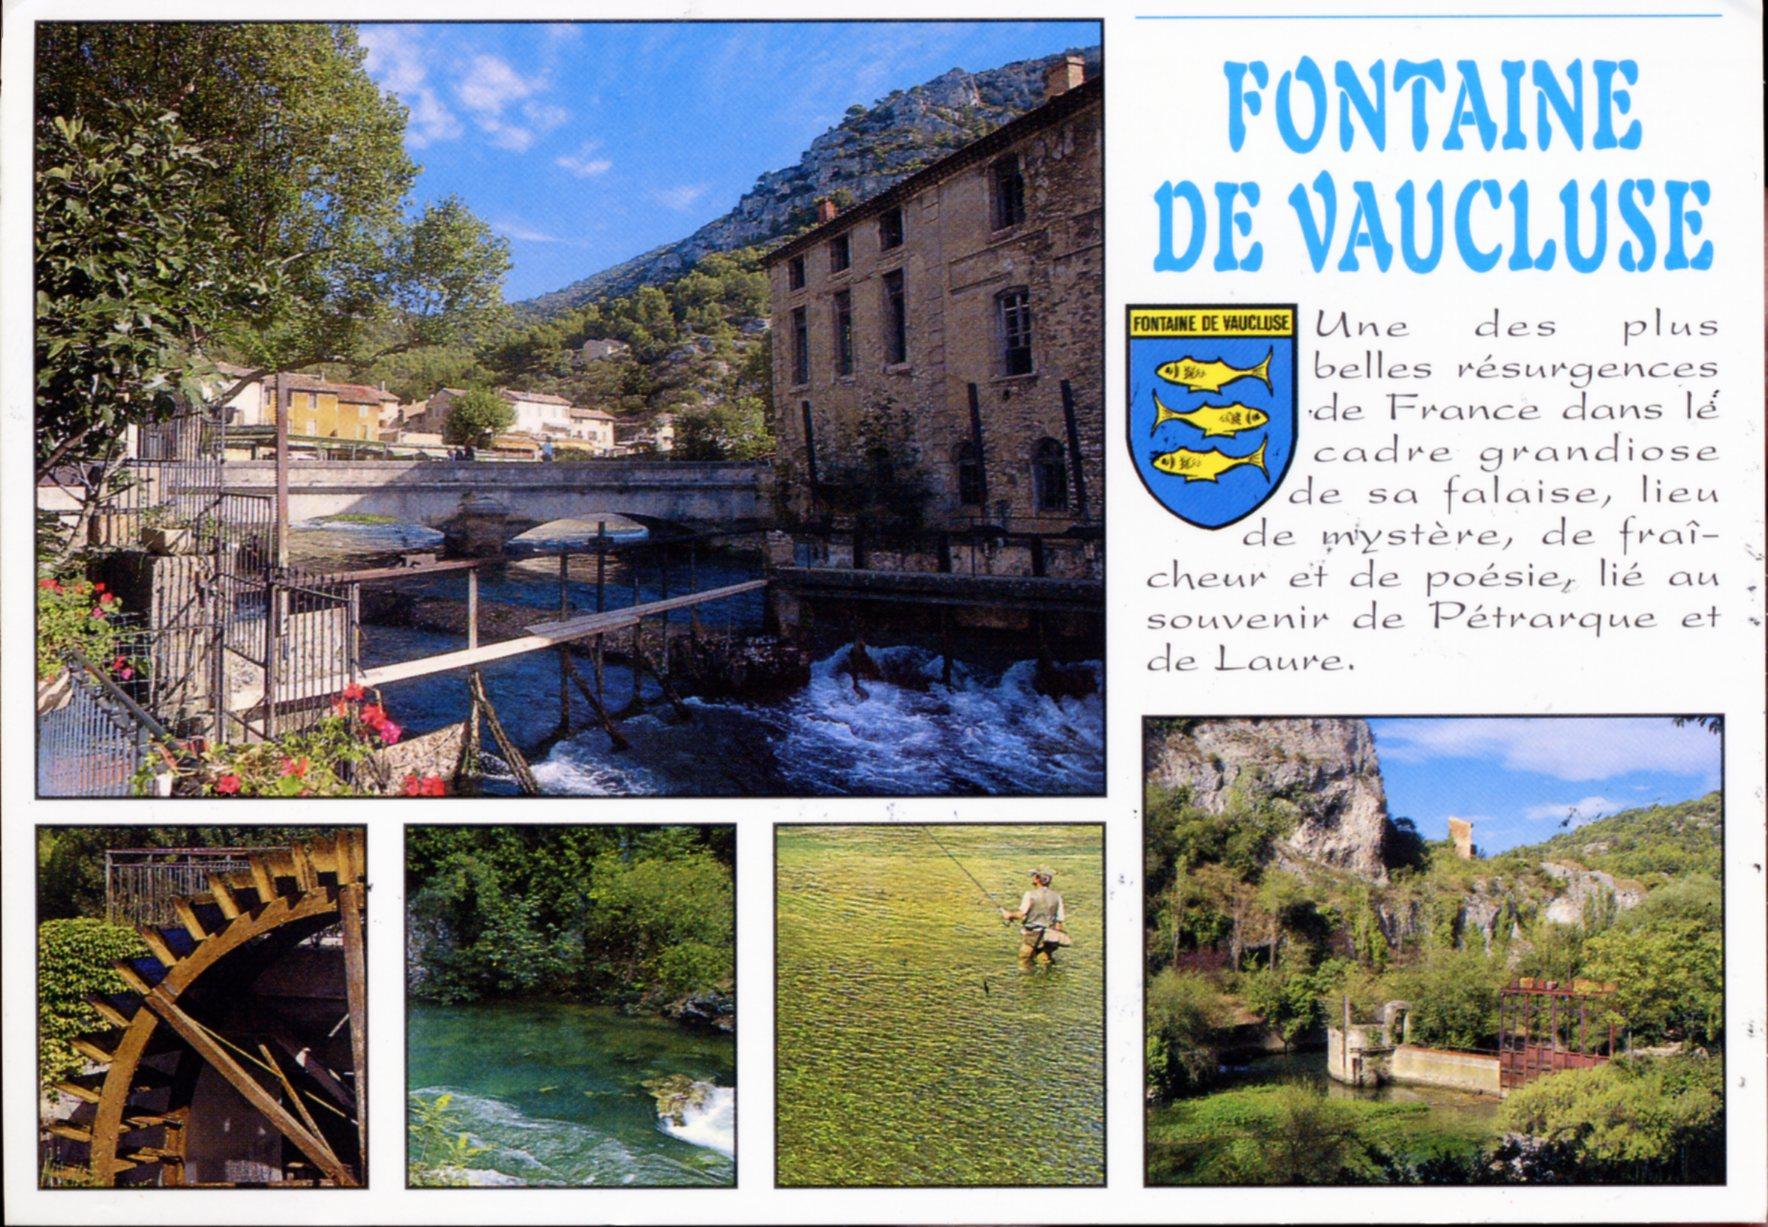 Photo fontaine de vaucluse 84800 une des plus belles r surgences de france carte postale - Office du tourisme du vaucluse ...